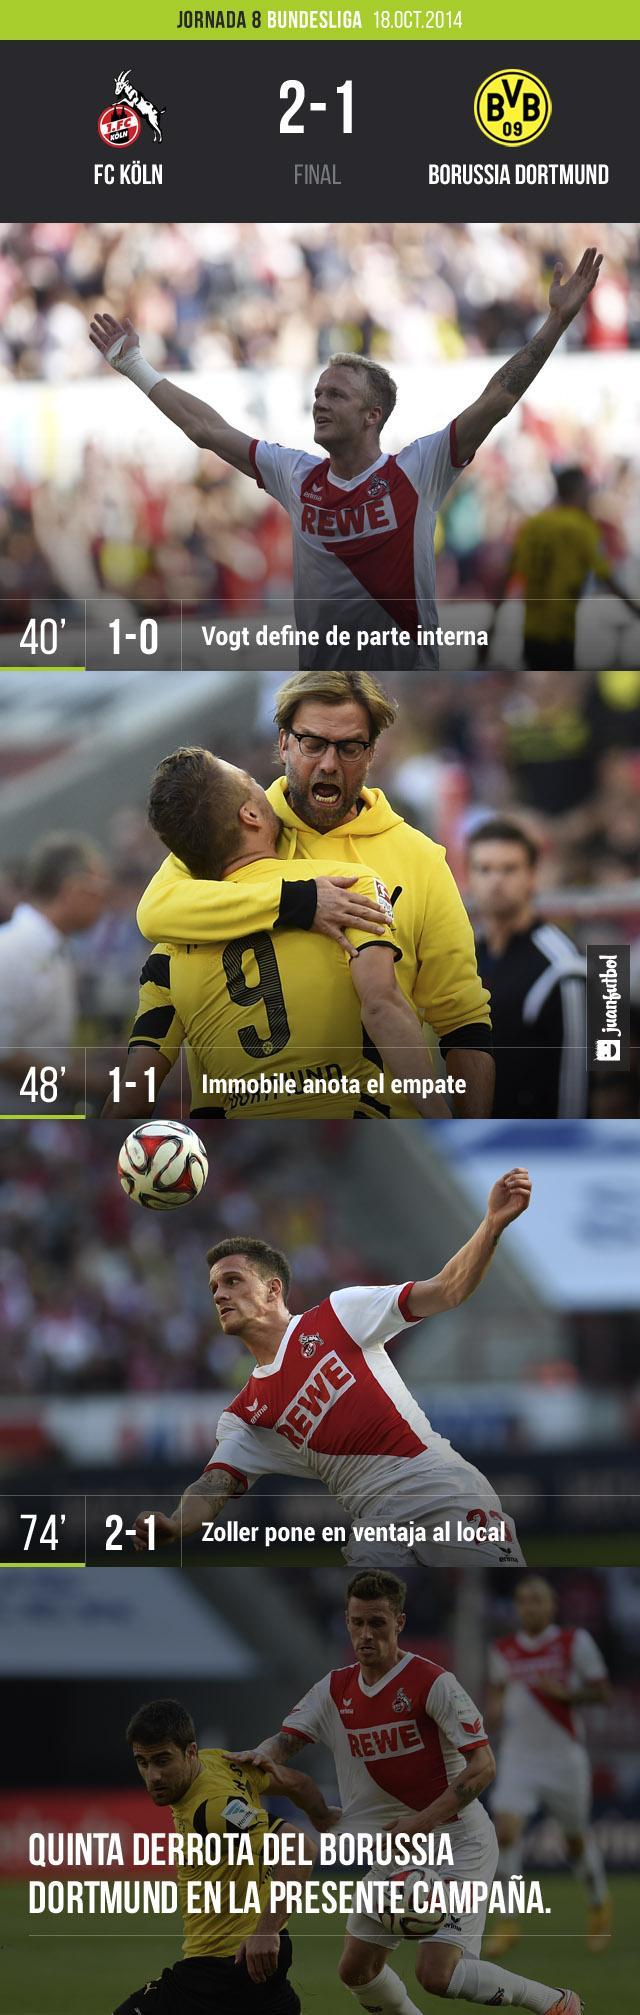 El Borussia Dortmund sumó su quinta victoria frente al Köln.